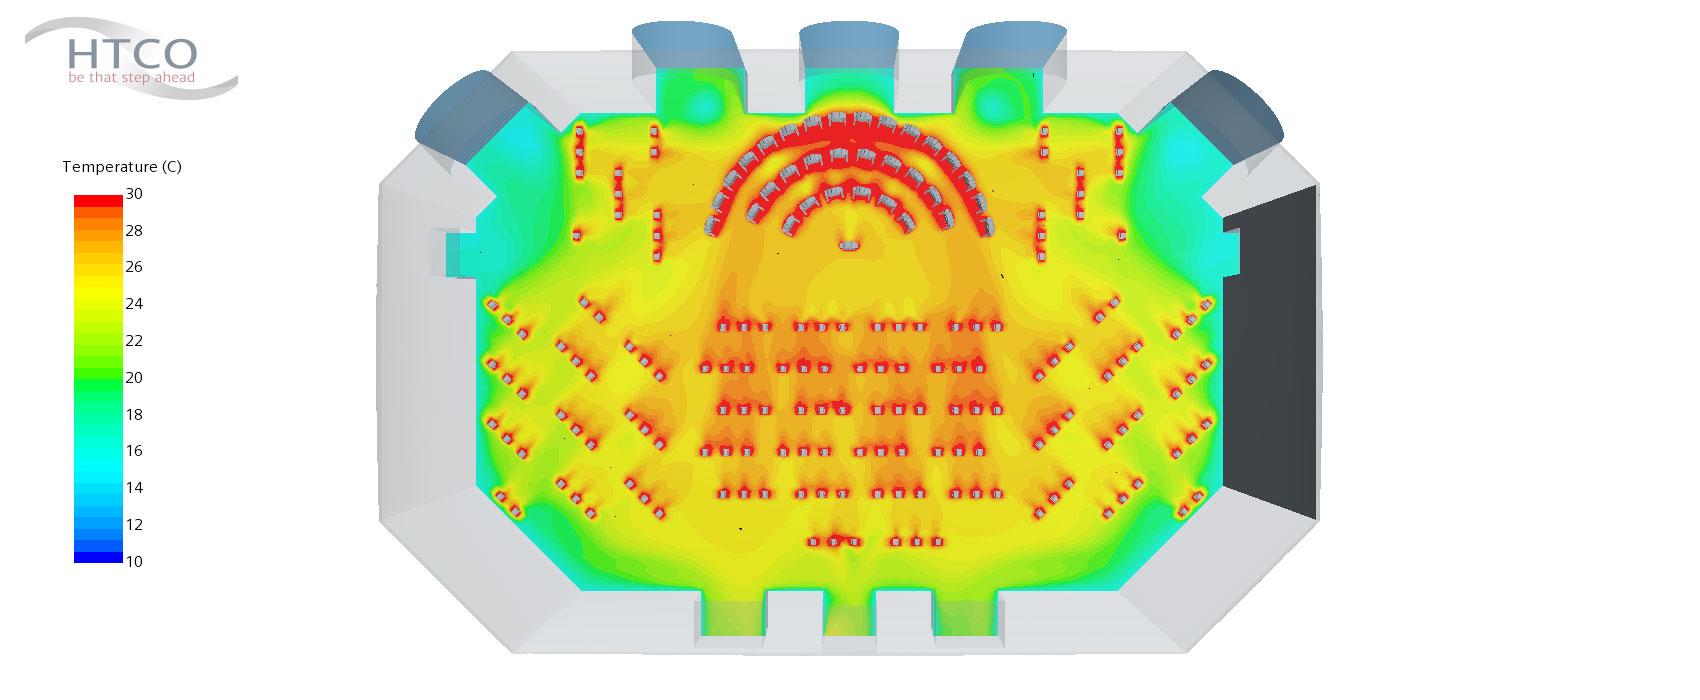 Strömungssimulation: Es ist wichtig die Wärmeabgabe zu berücksichtigen, da die aufsteigende warme Luft Auswirkungen auf die Raumströmung hat.